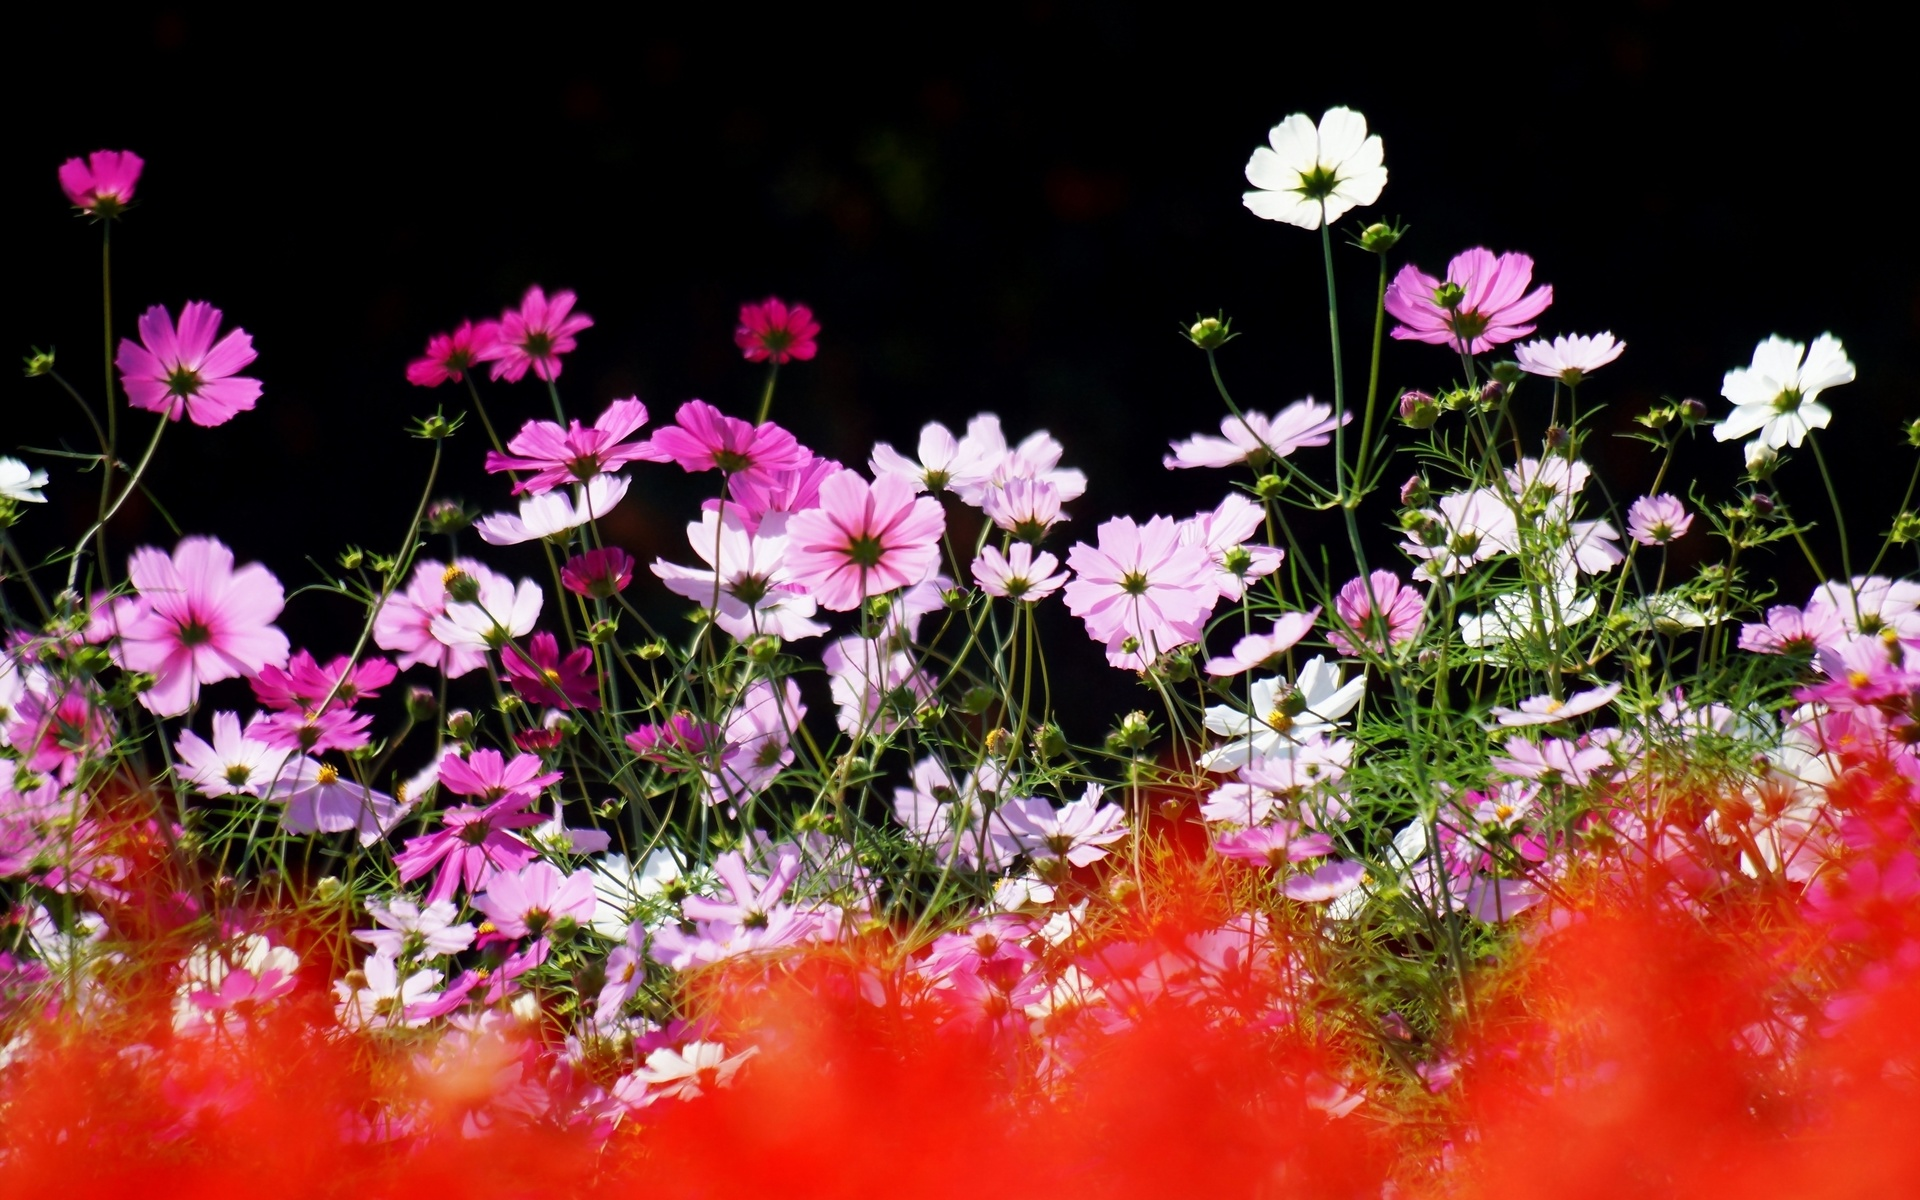 цветы, космея, фокус, лето, природа